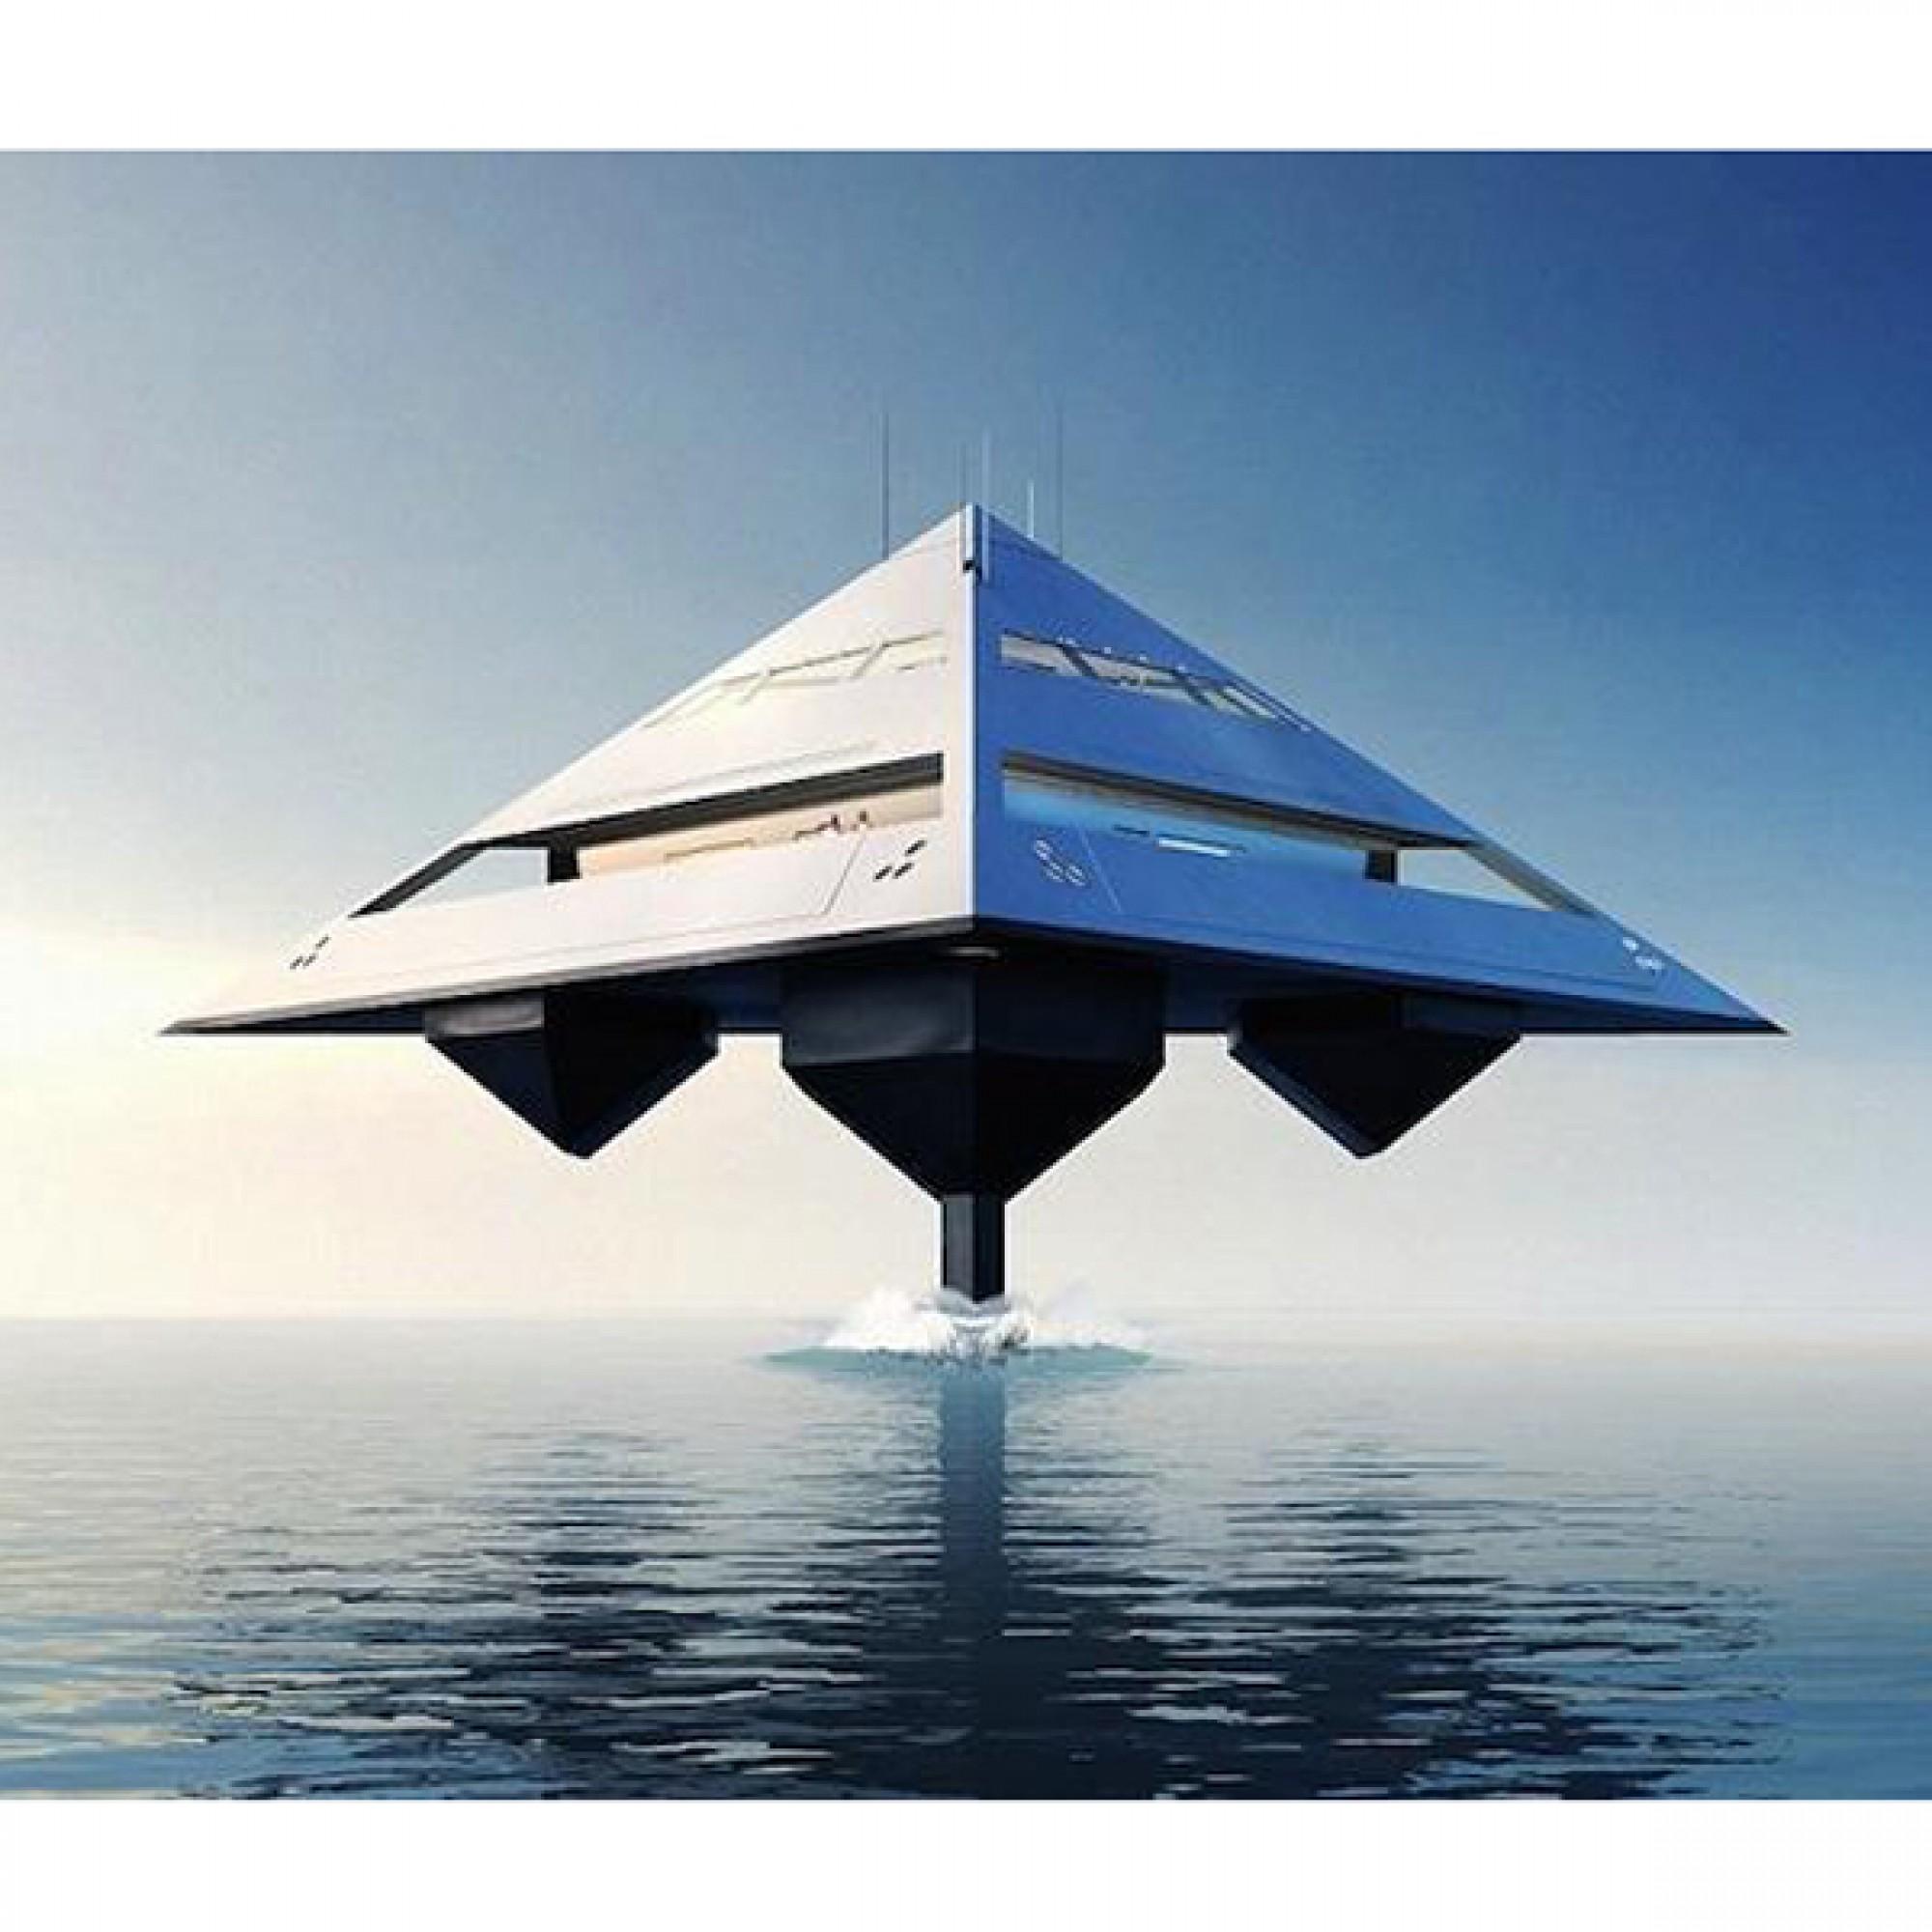 Die Tetrahedron Superyacht (Bilder: Schwinge/Eyelevel)